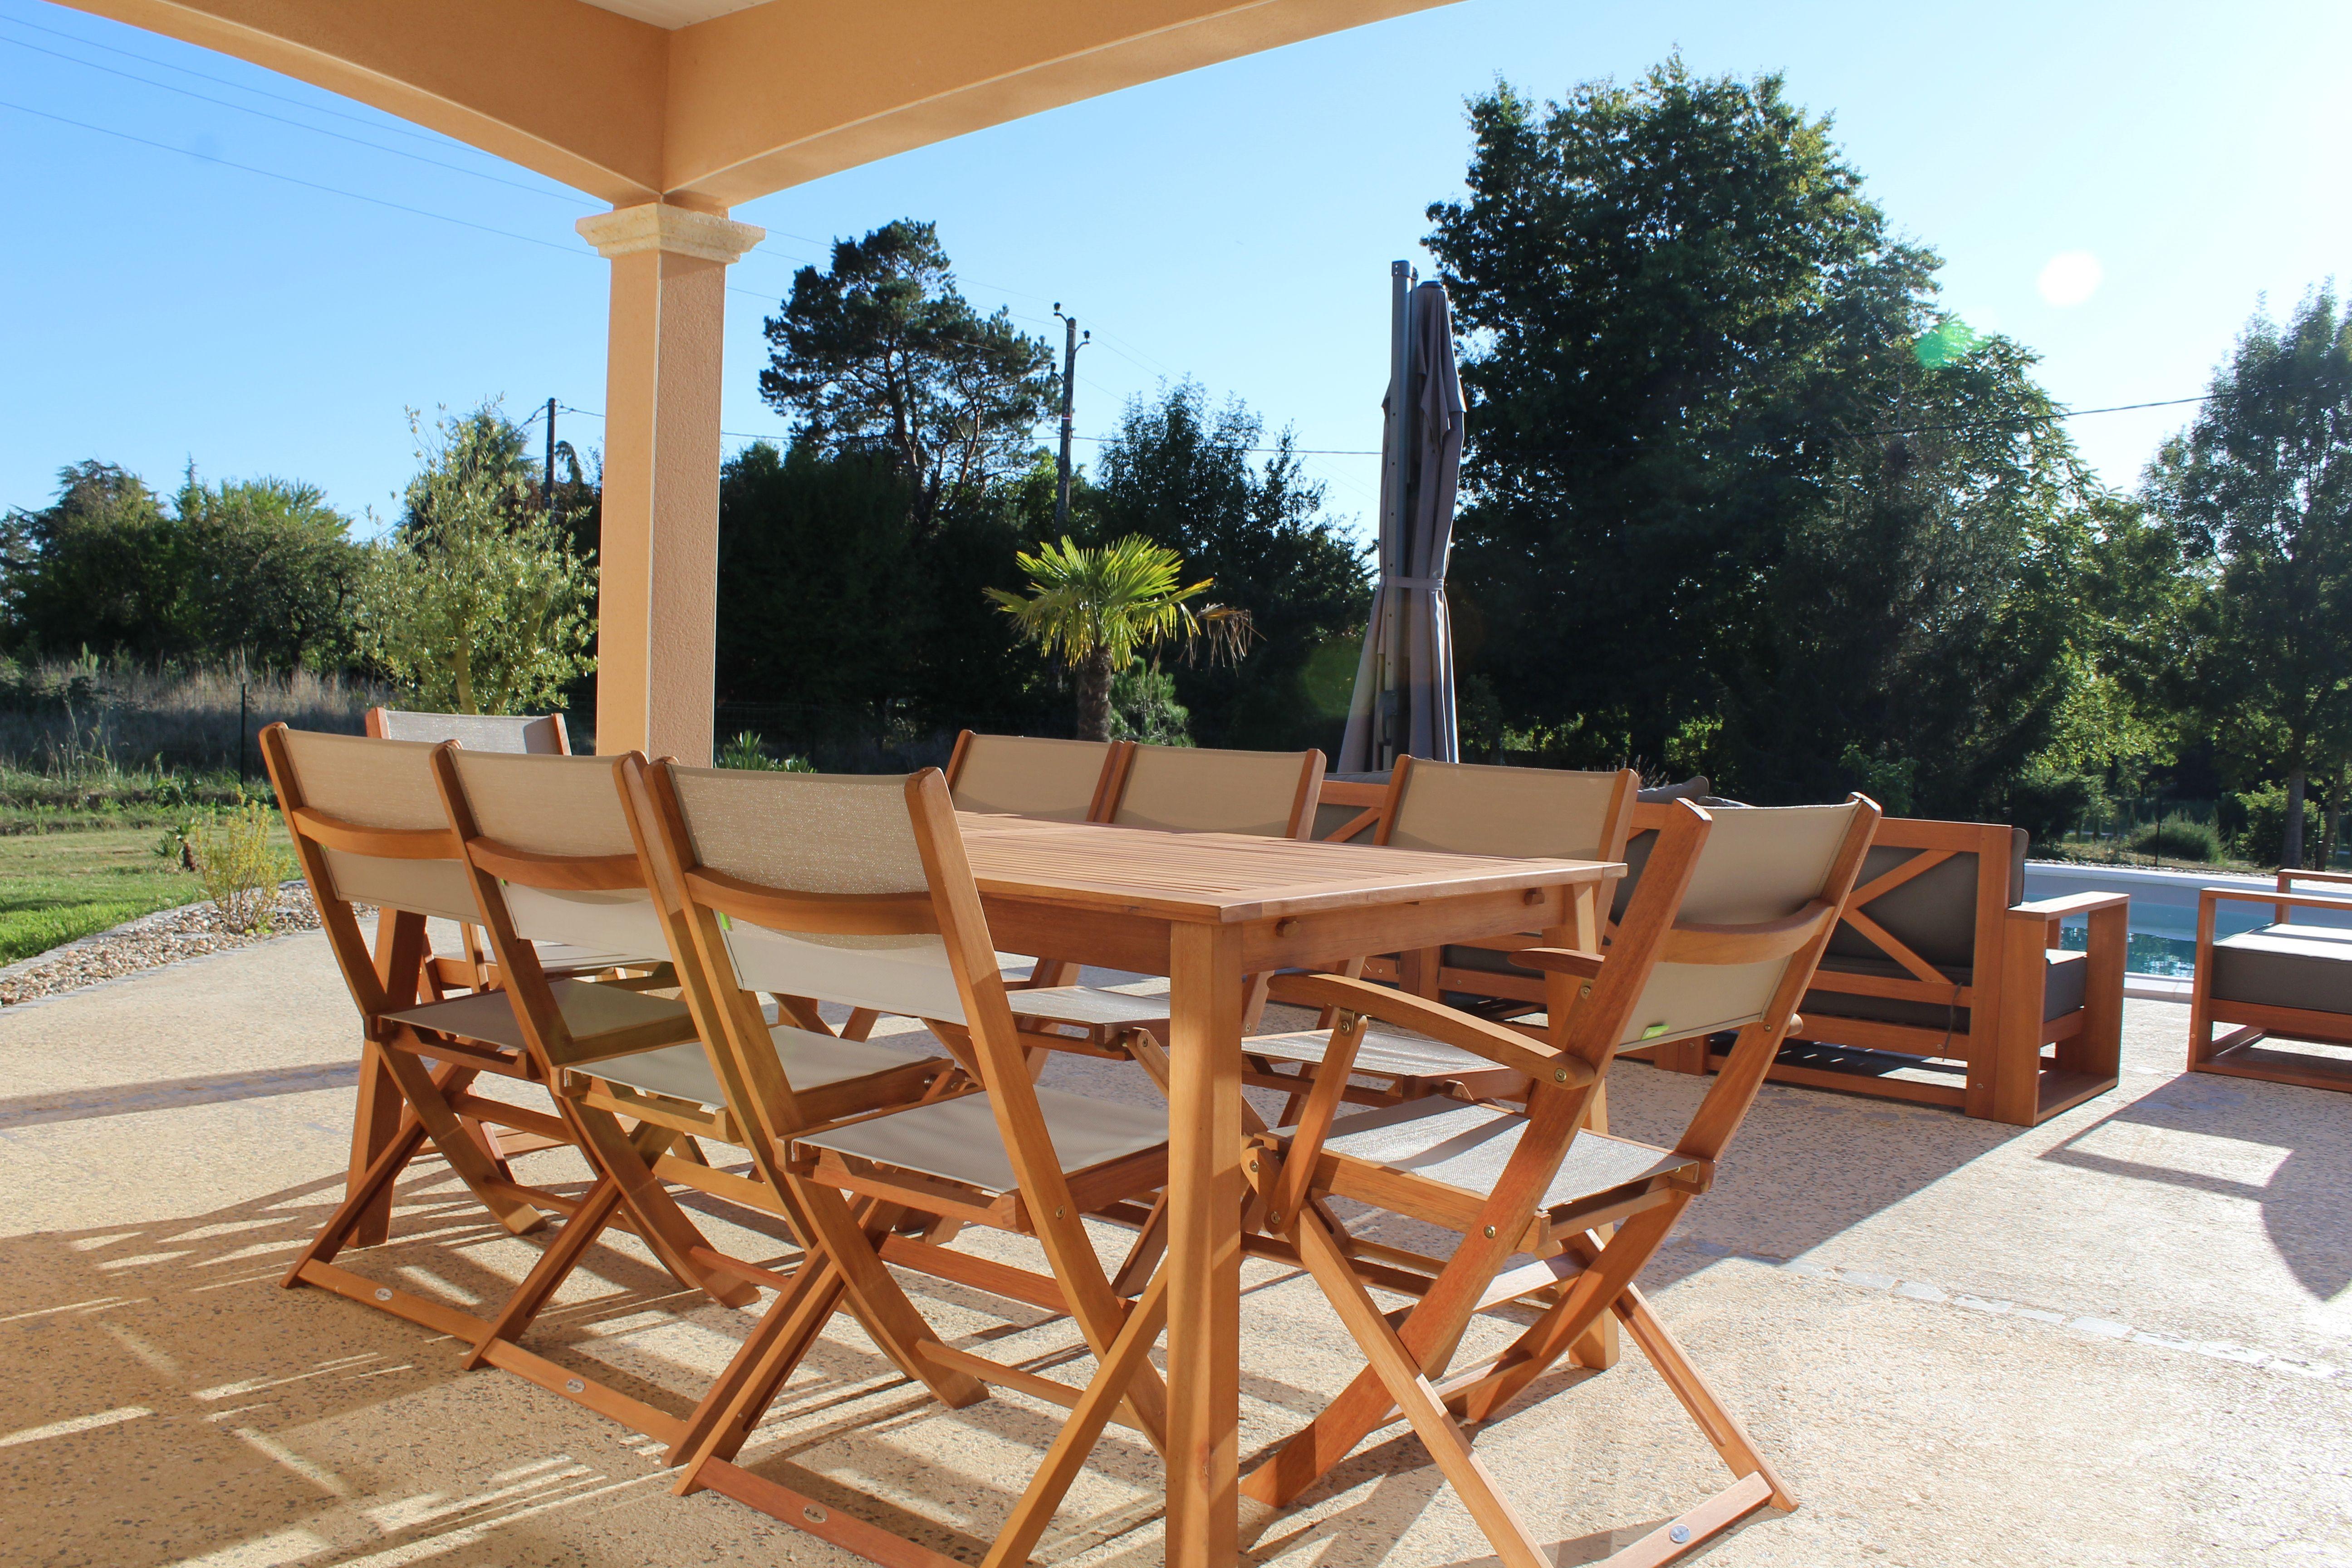 Almeria : Table de jardin en bois extensible 180-240cm, 2 fauteuils ...